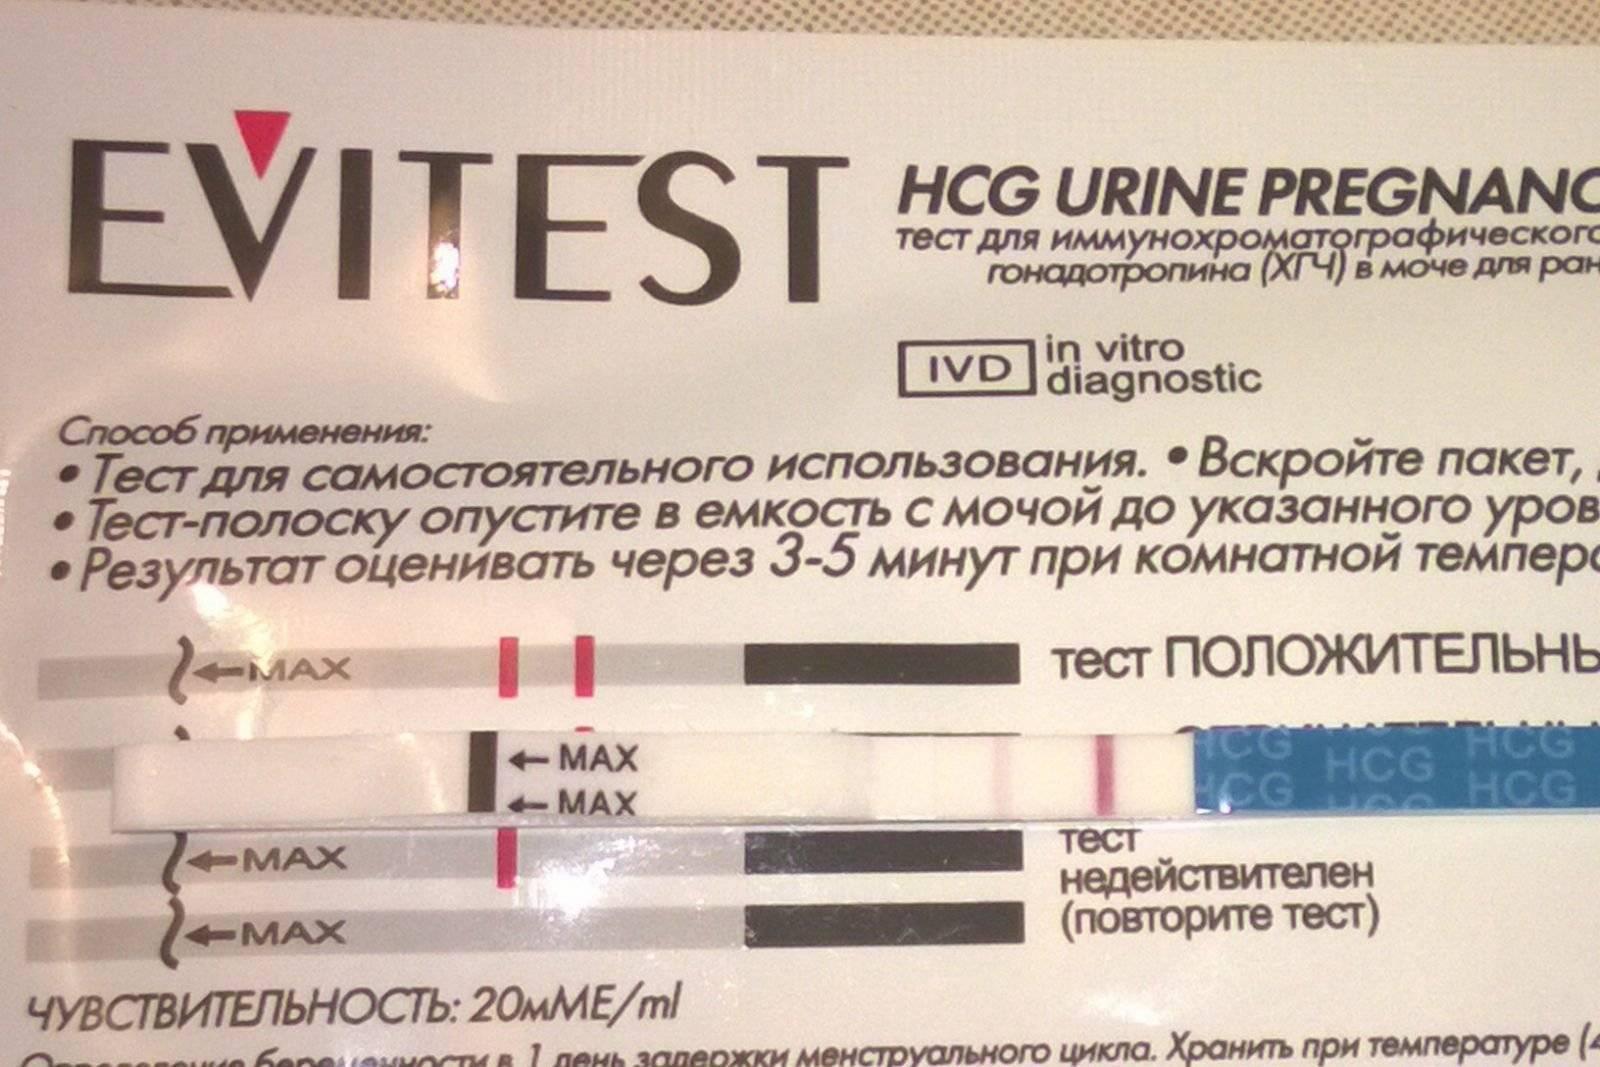 Тест на беременность evitest какой стороной опускать в мочу. horoshayaberemennost.ru